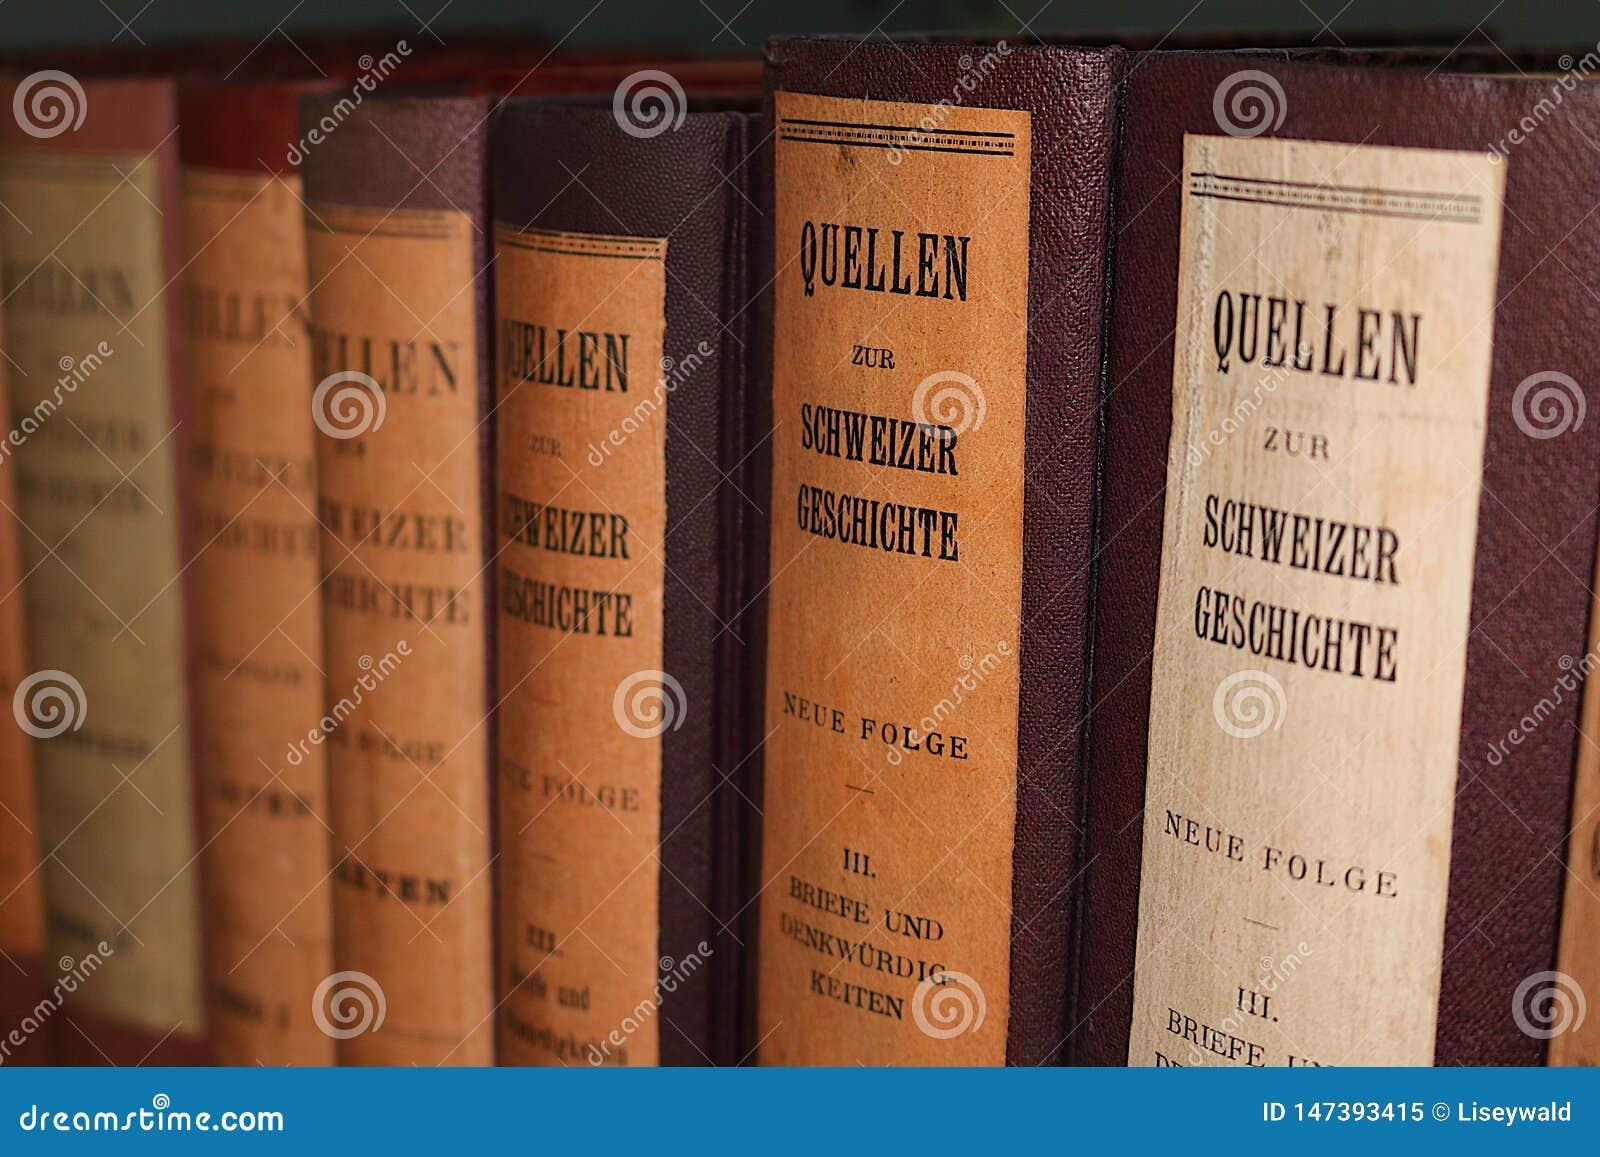 Строка античных книг с кожаными крышками и немецкими названиями в черных буквах